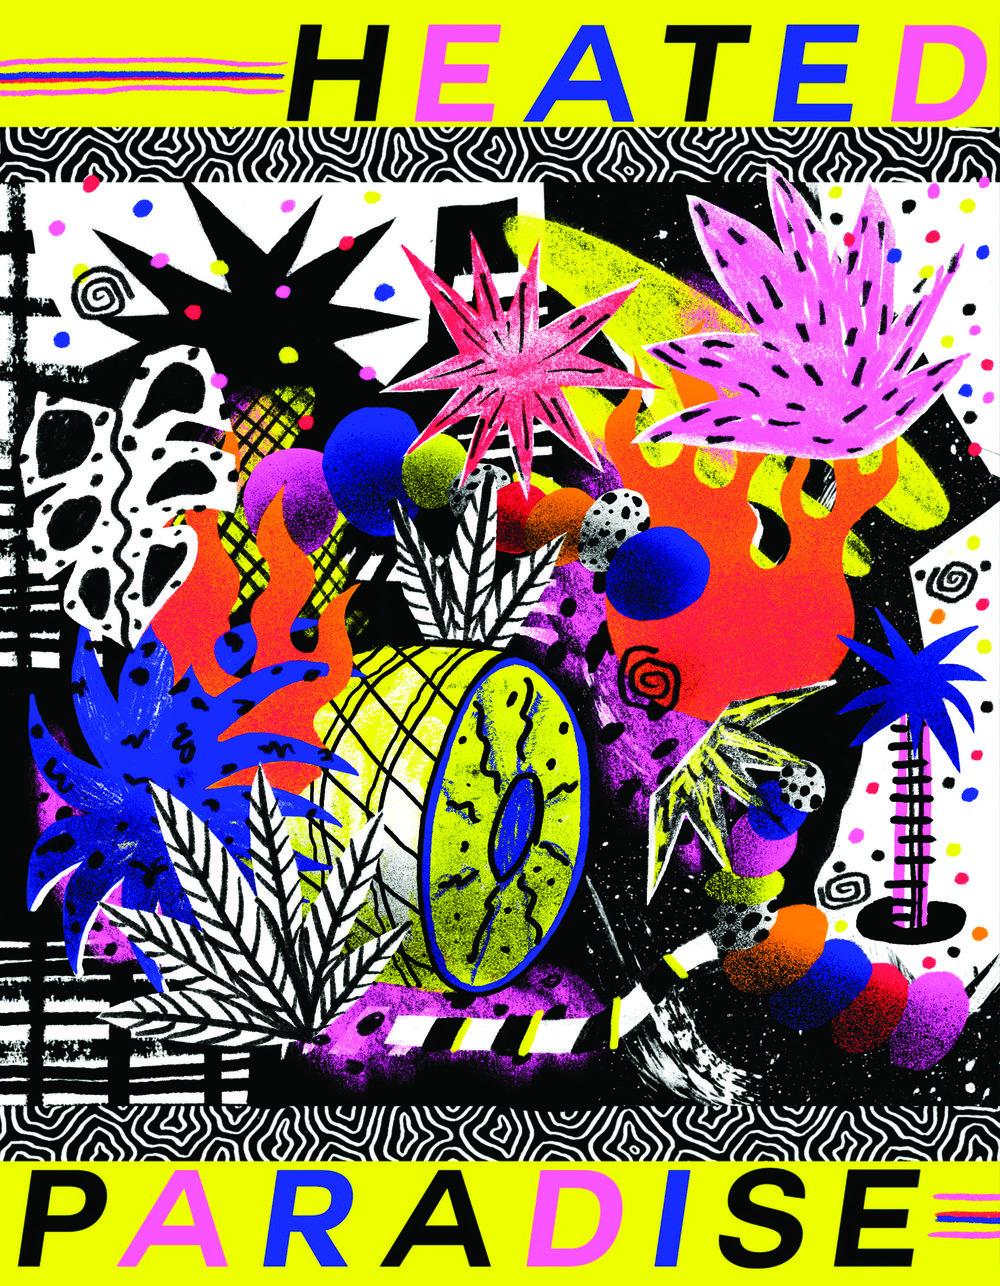 club_heat_poster_14x18_5.jpg